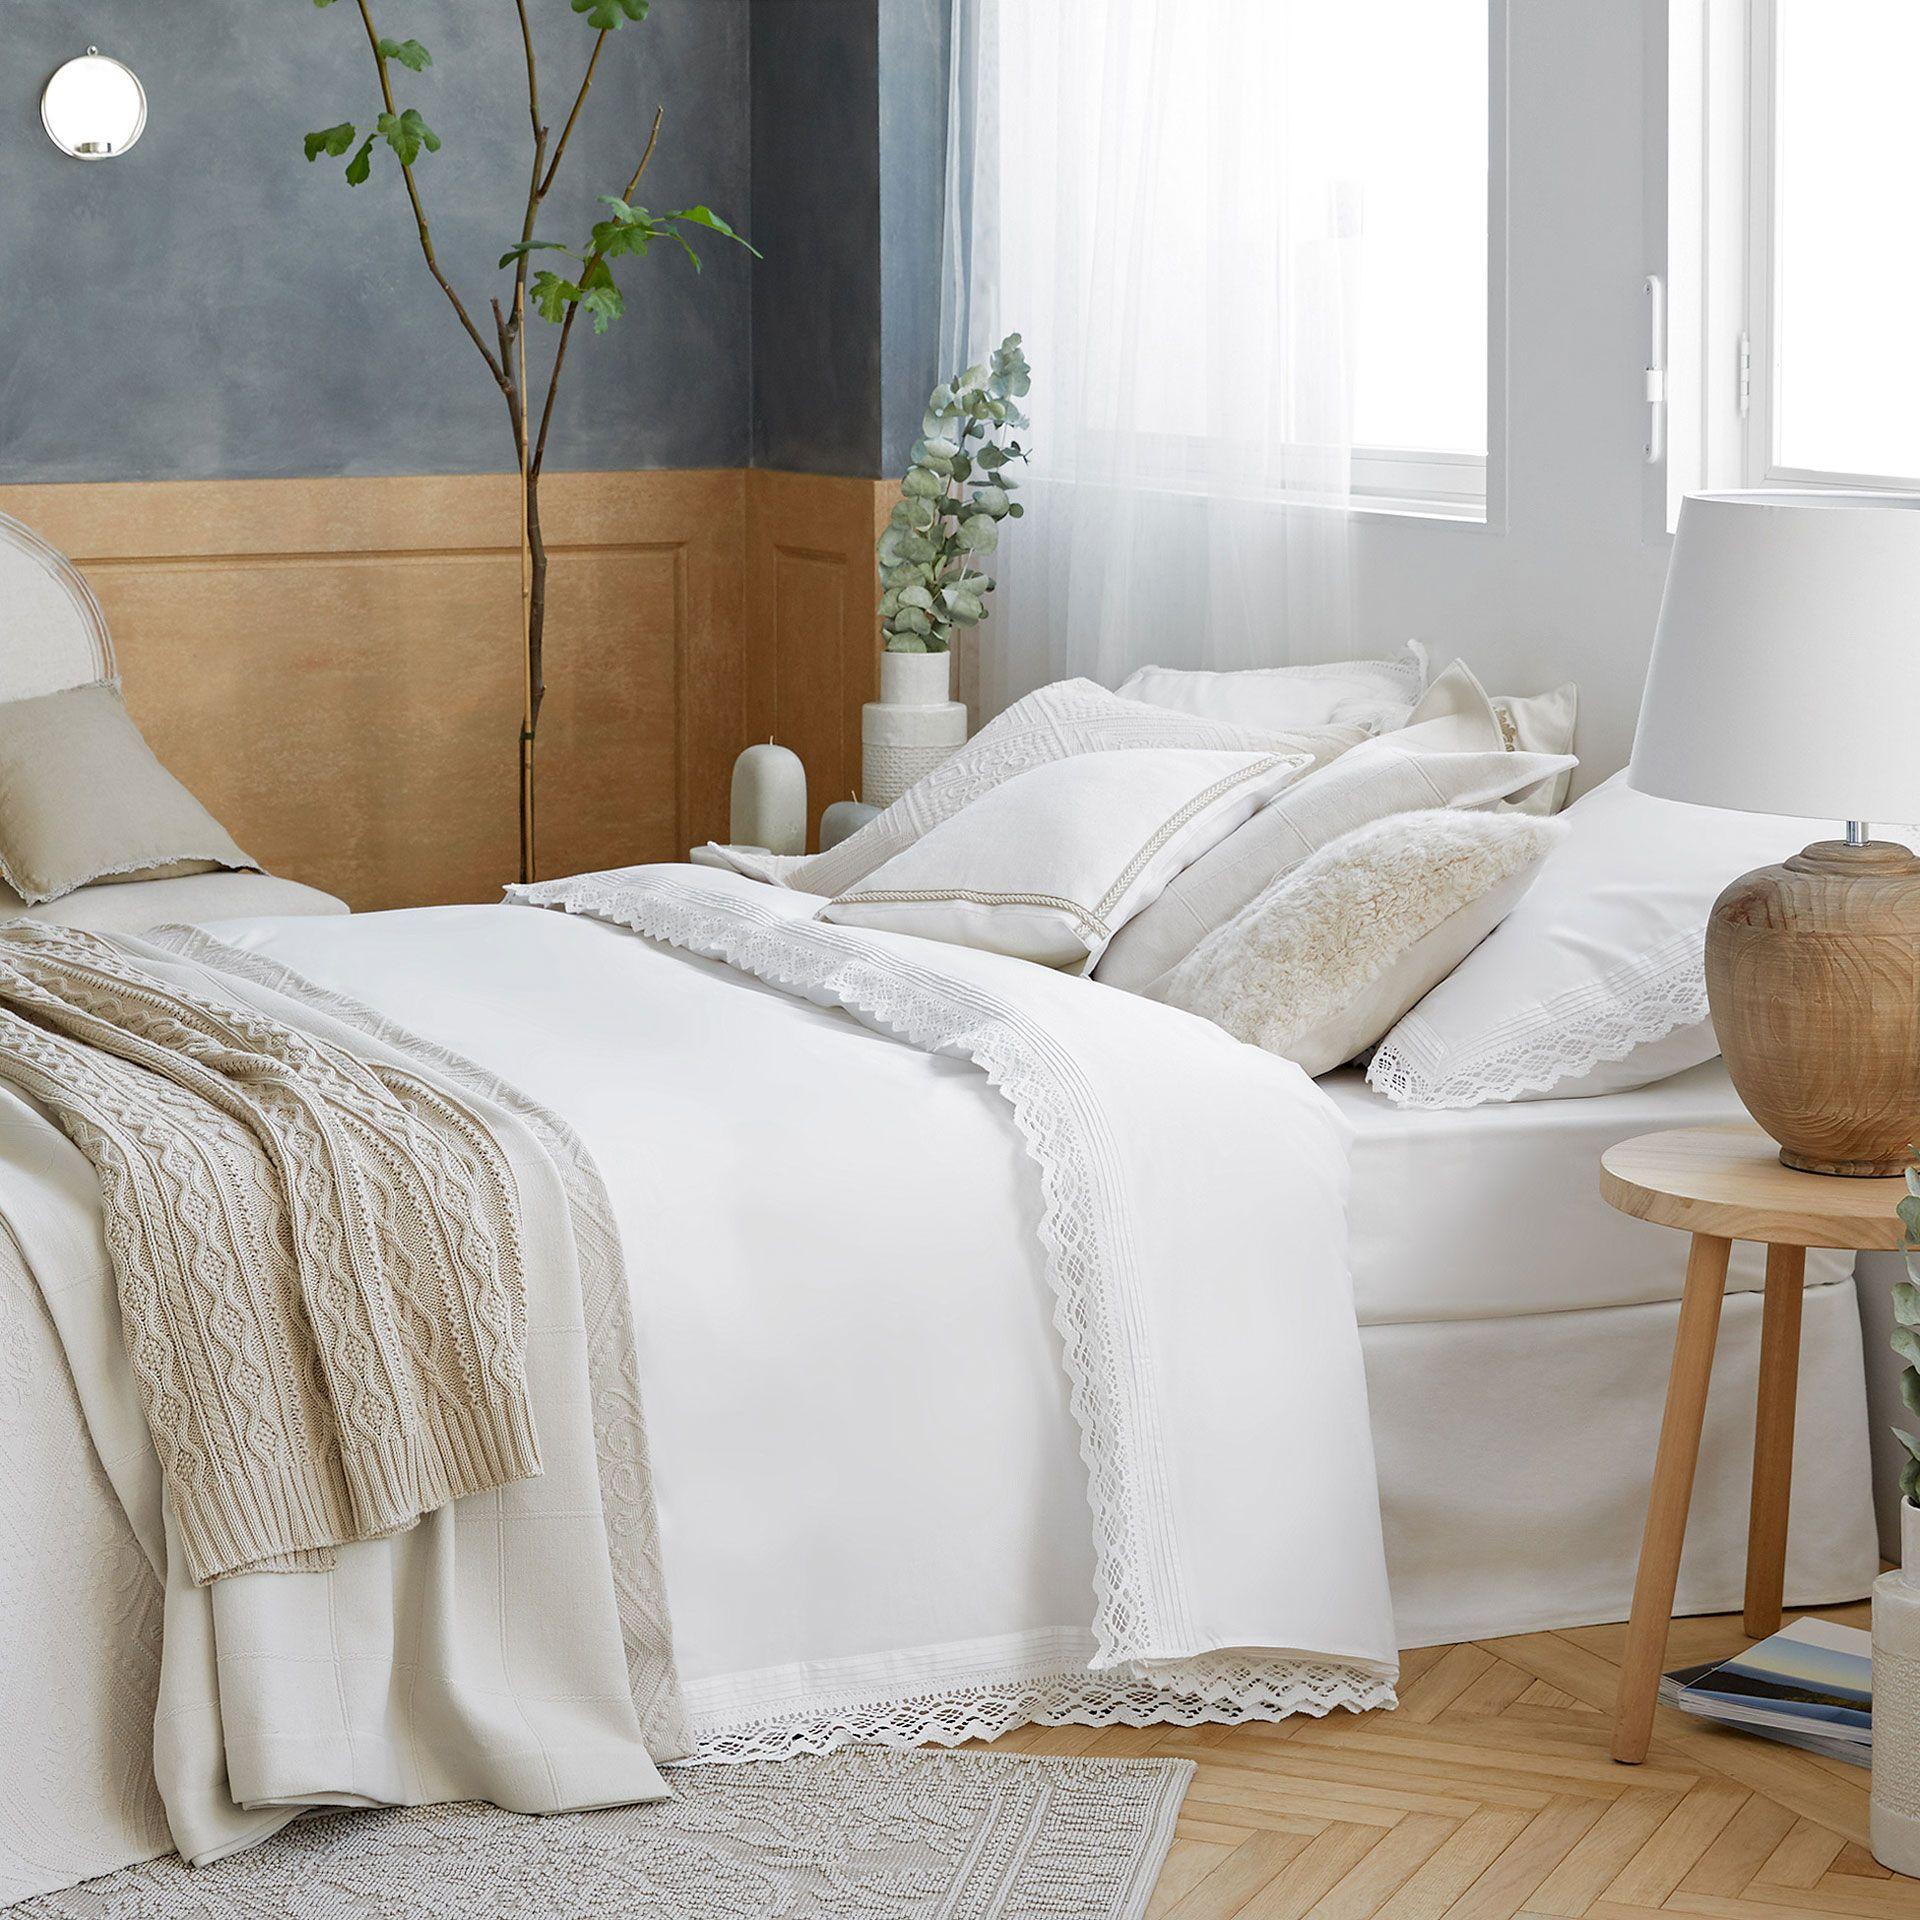 ein hauch mode f r ihr schlafzimmer mit rosa blauen t rkisen und lila tagesdecken f r betten. Black Bedroom Furniture Sets. Home Design Ideas